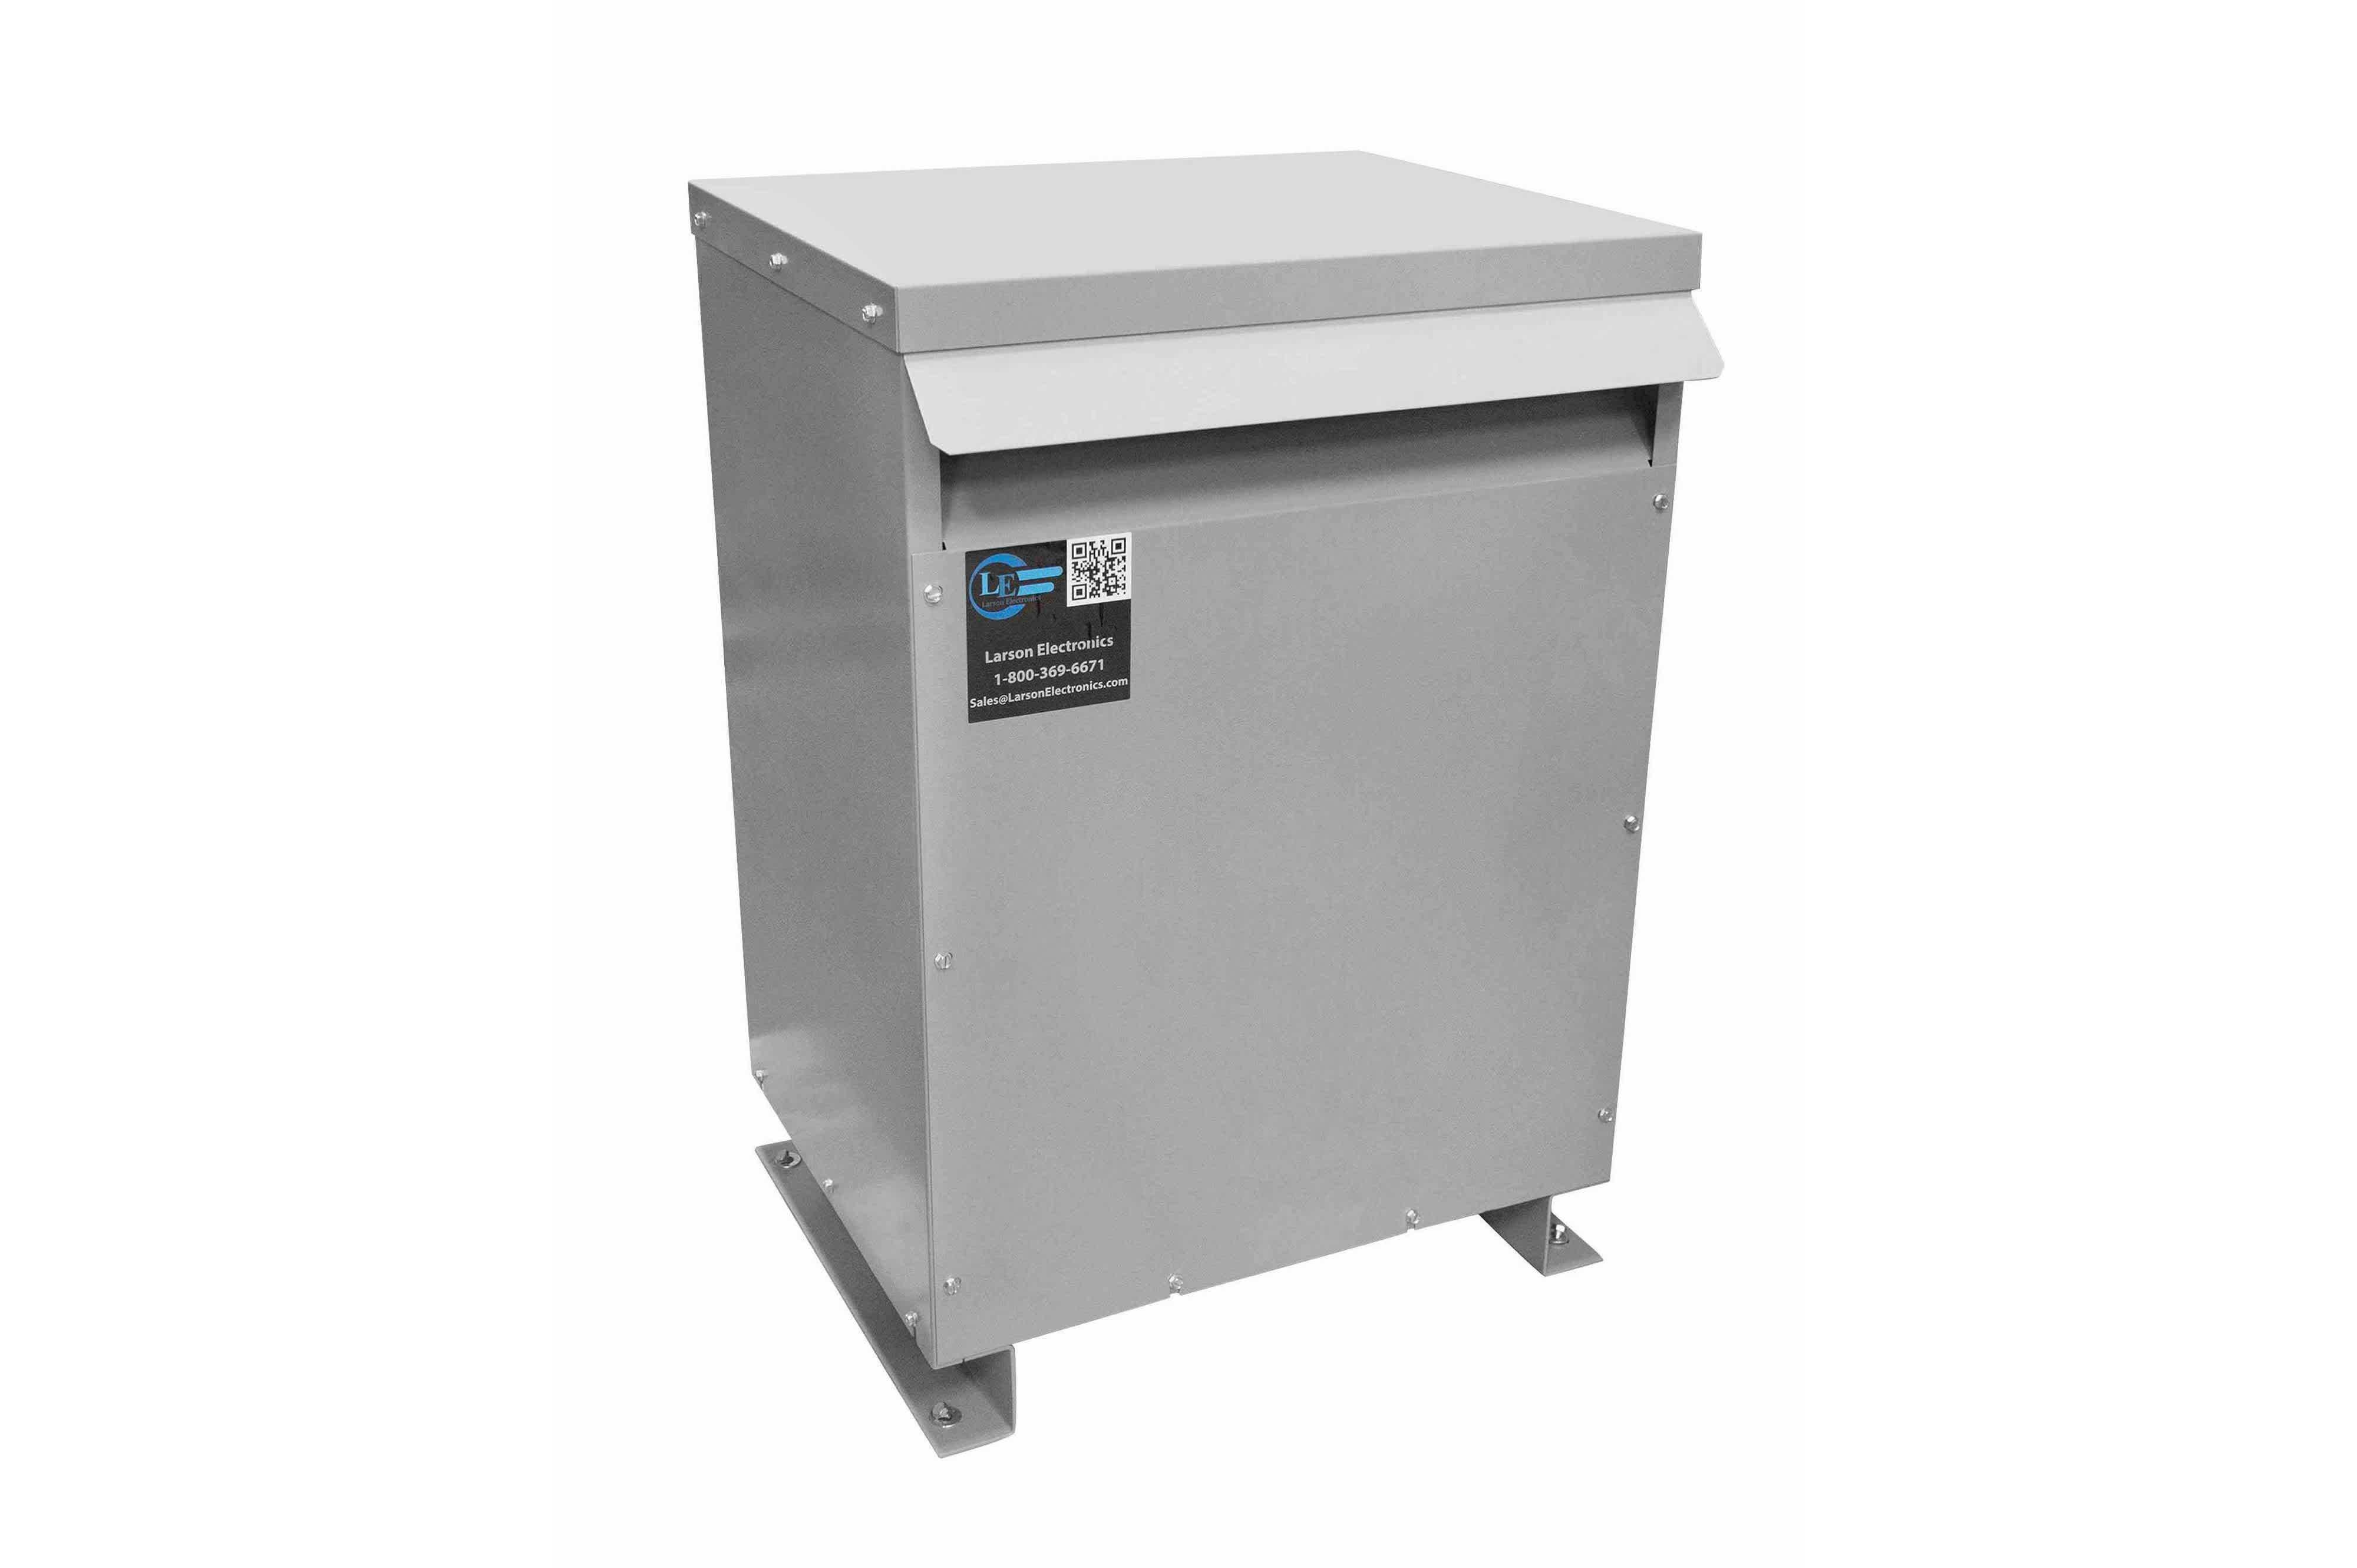 45 kVA 3PH Isolation Transformer, 600V Delta Primary, 380V Delta Secondary, N3R, Ventilated, 60 Hz